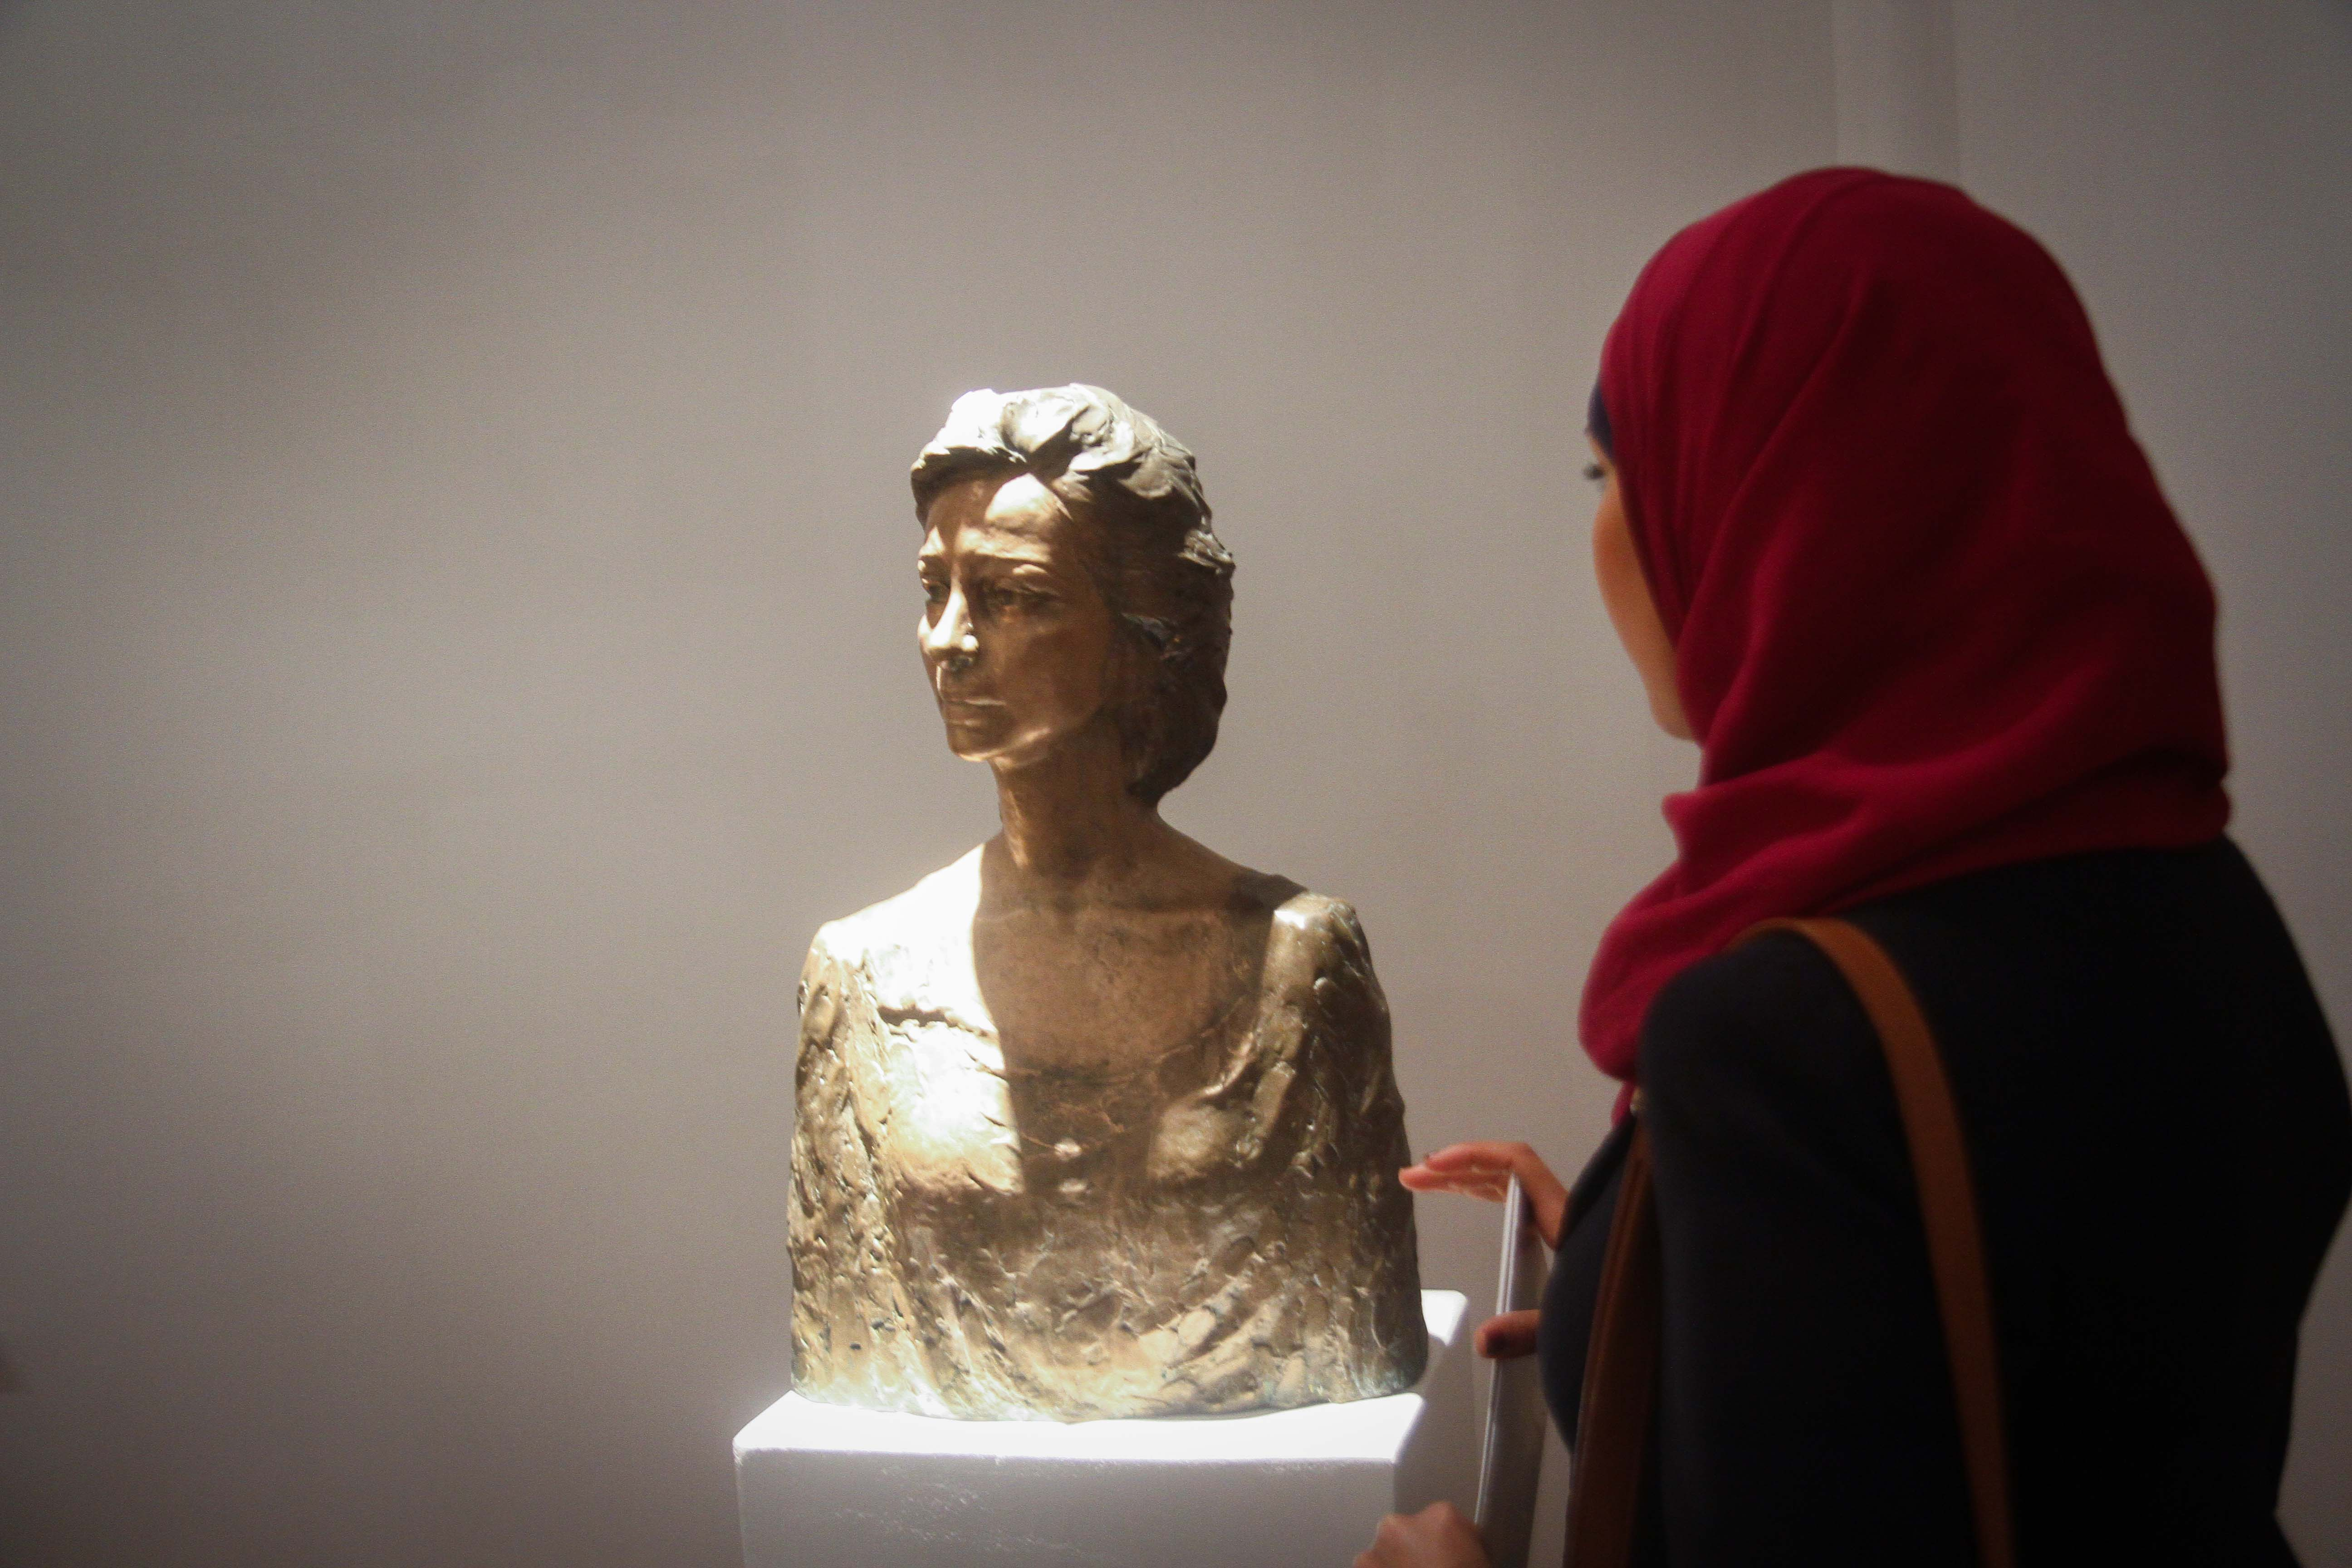 معرض الفنان عبد العزيز صعب  (4)